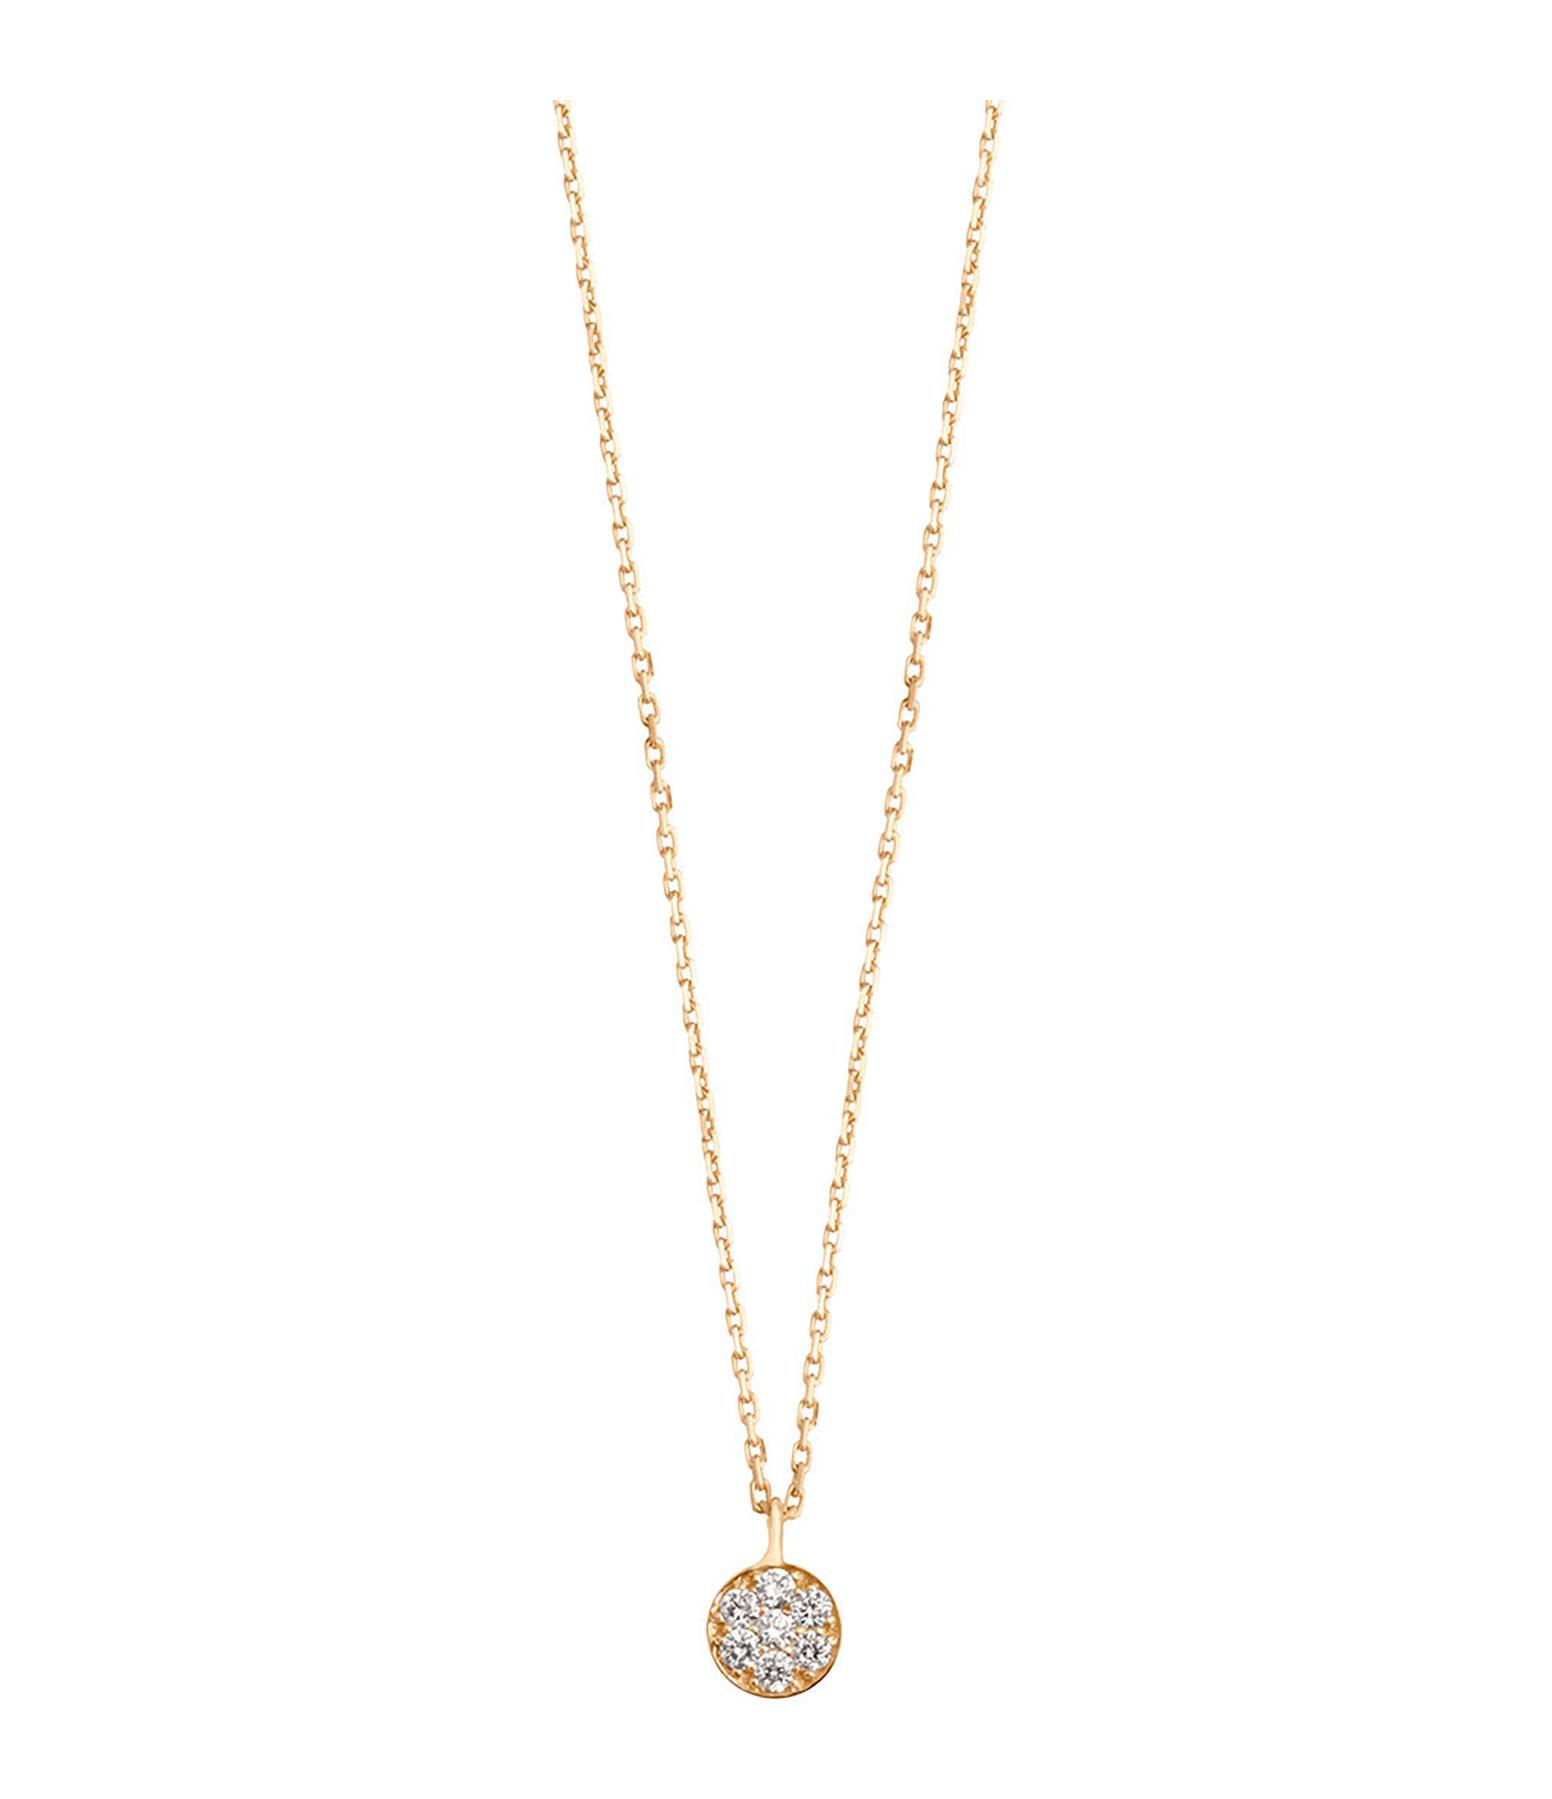 Collier Puce Diamants - GIGI CLOZEAU